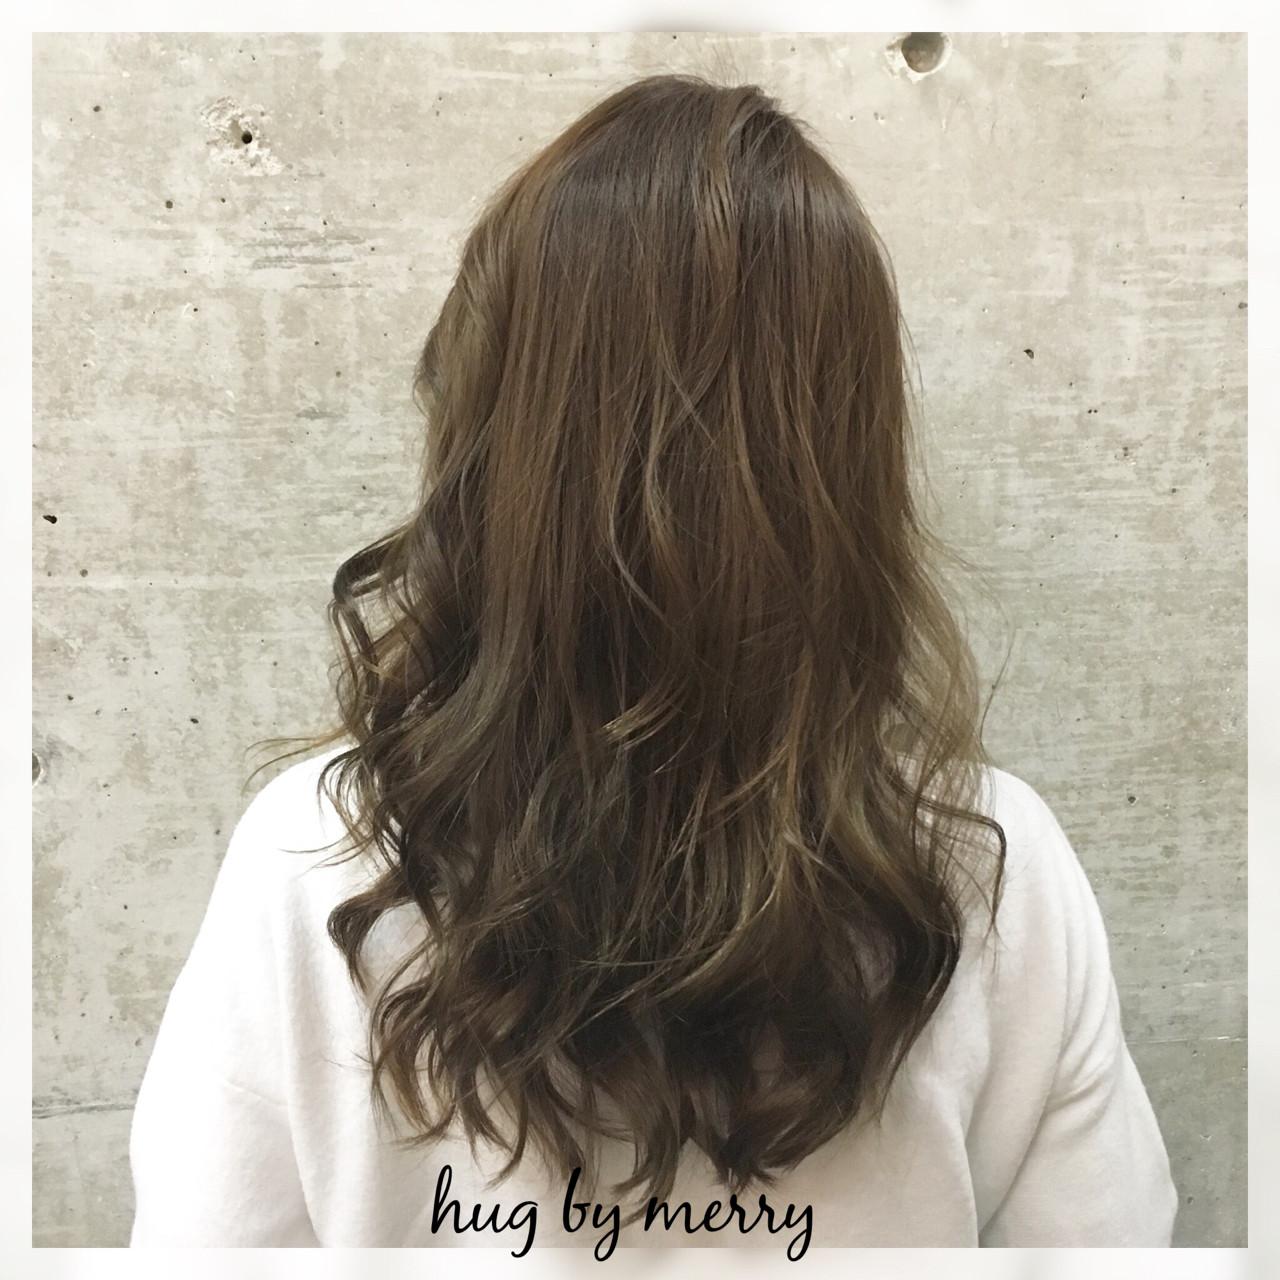 アッシュ ナチュラル フェミニン セミロング ヘアスタイルや髪型の写真・画像 | 柳村 豊 / hug by merry